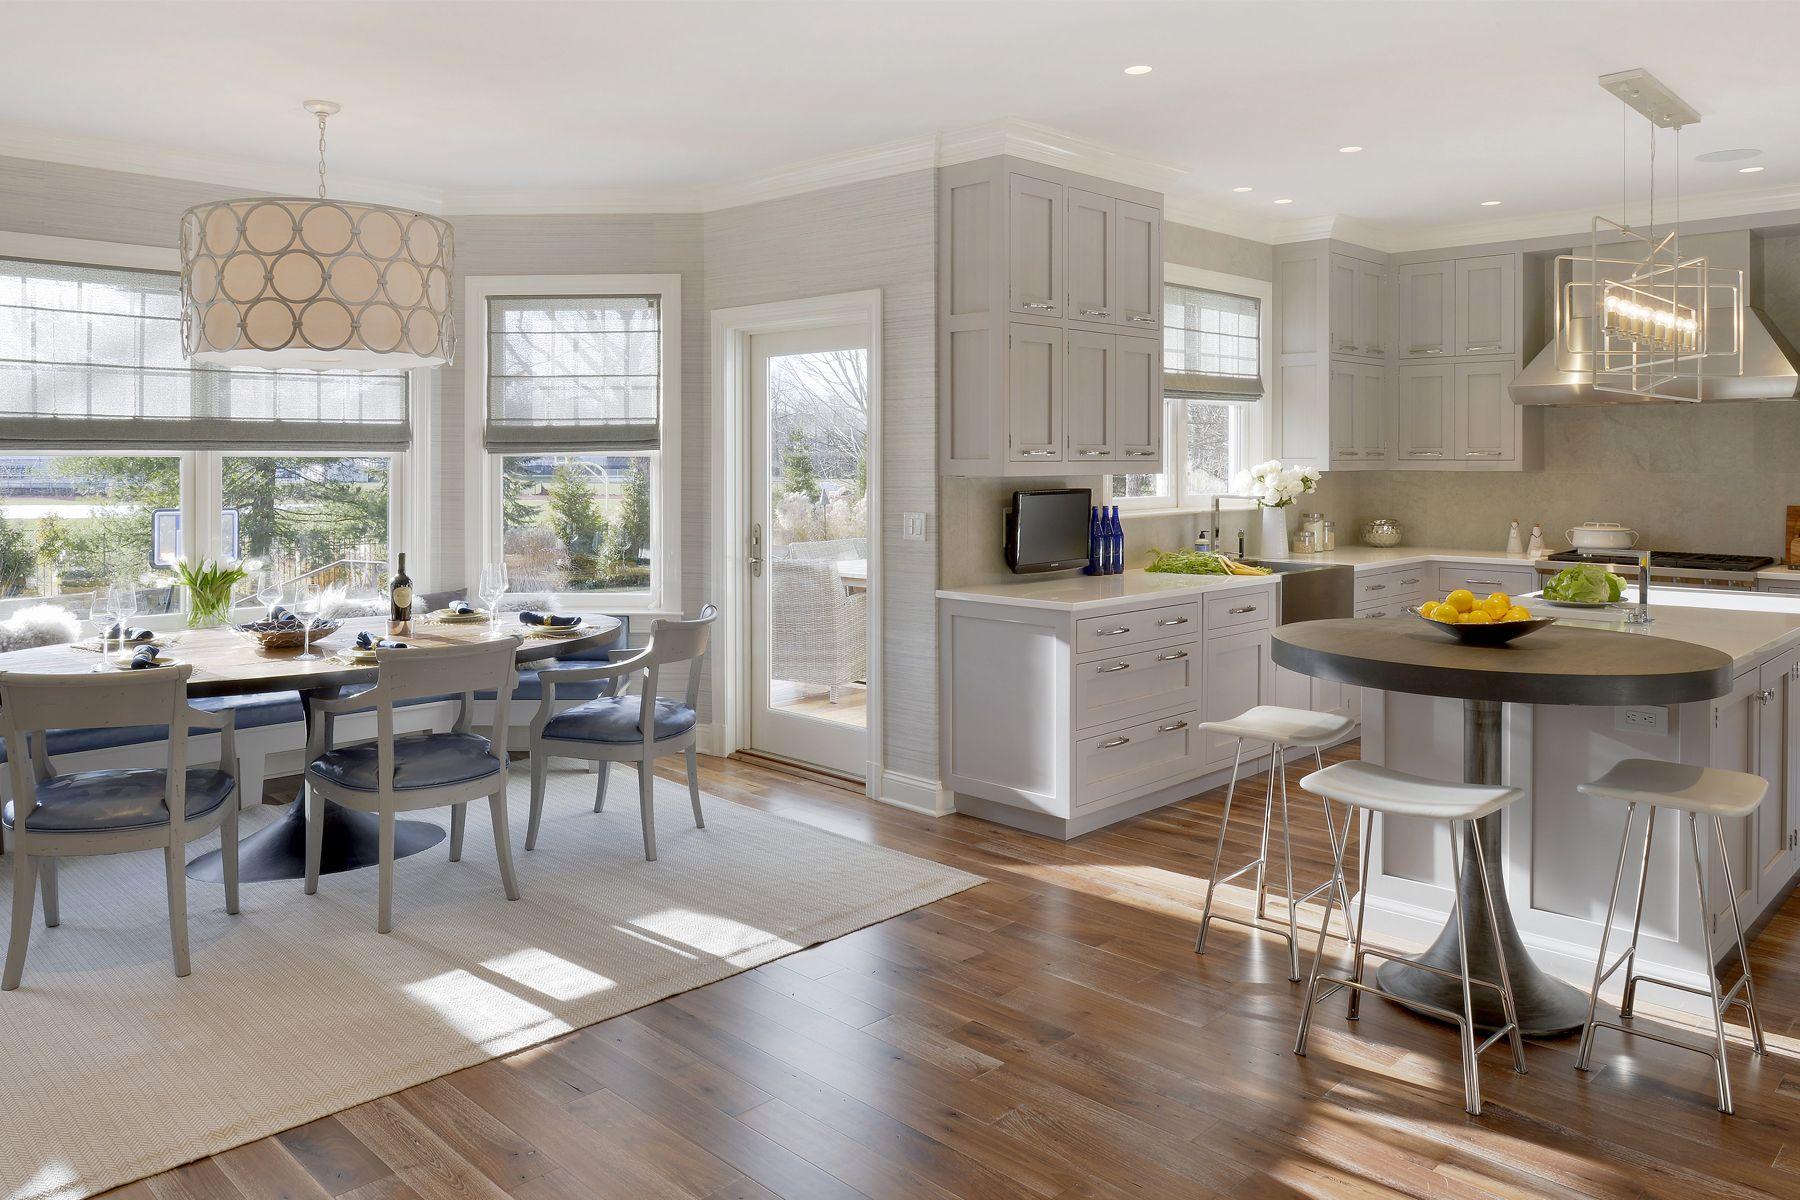 Transitional Kitchen Design  Bilotta Ny  Beautiful Kitchens Adorable Transitional Kitchen Design Decorating Design